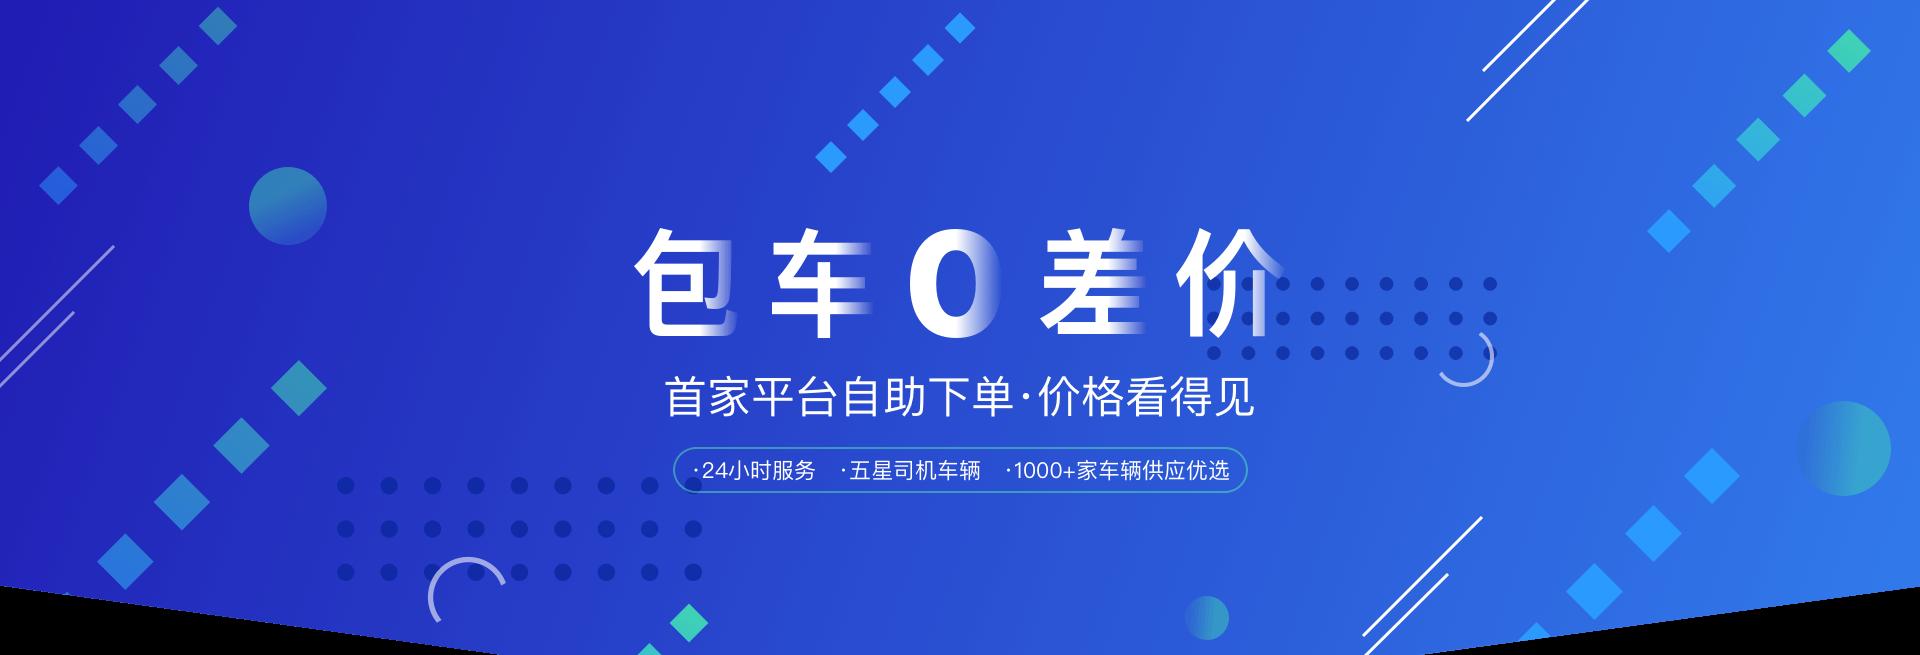 0差价,包车,深圳包车,广州包车,大巴包车